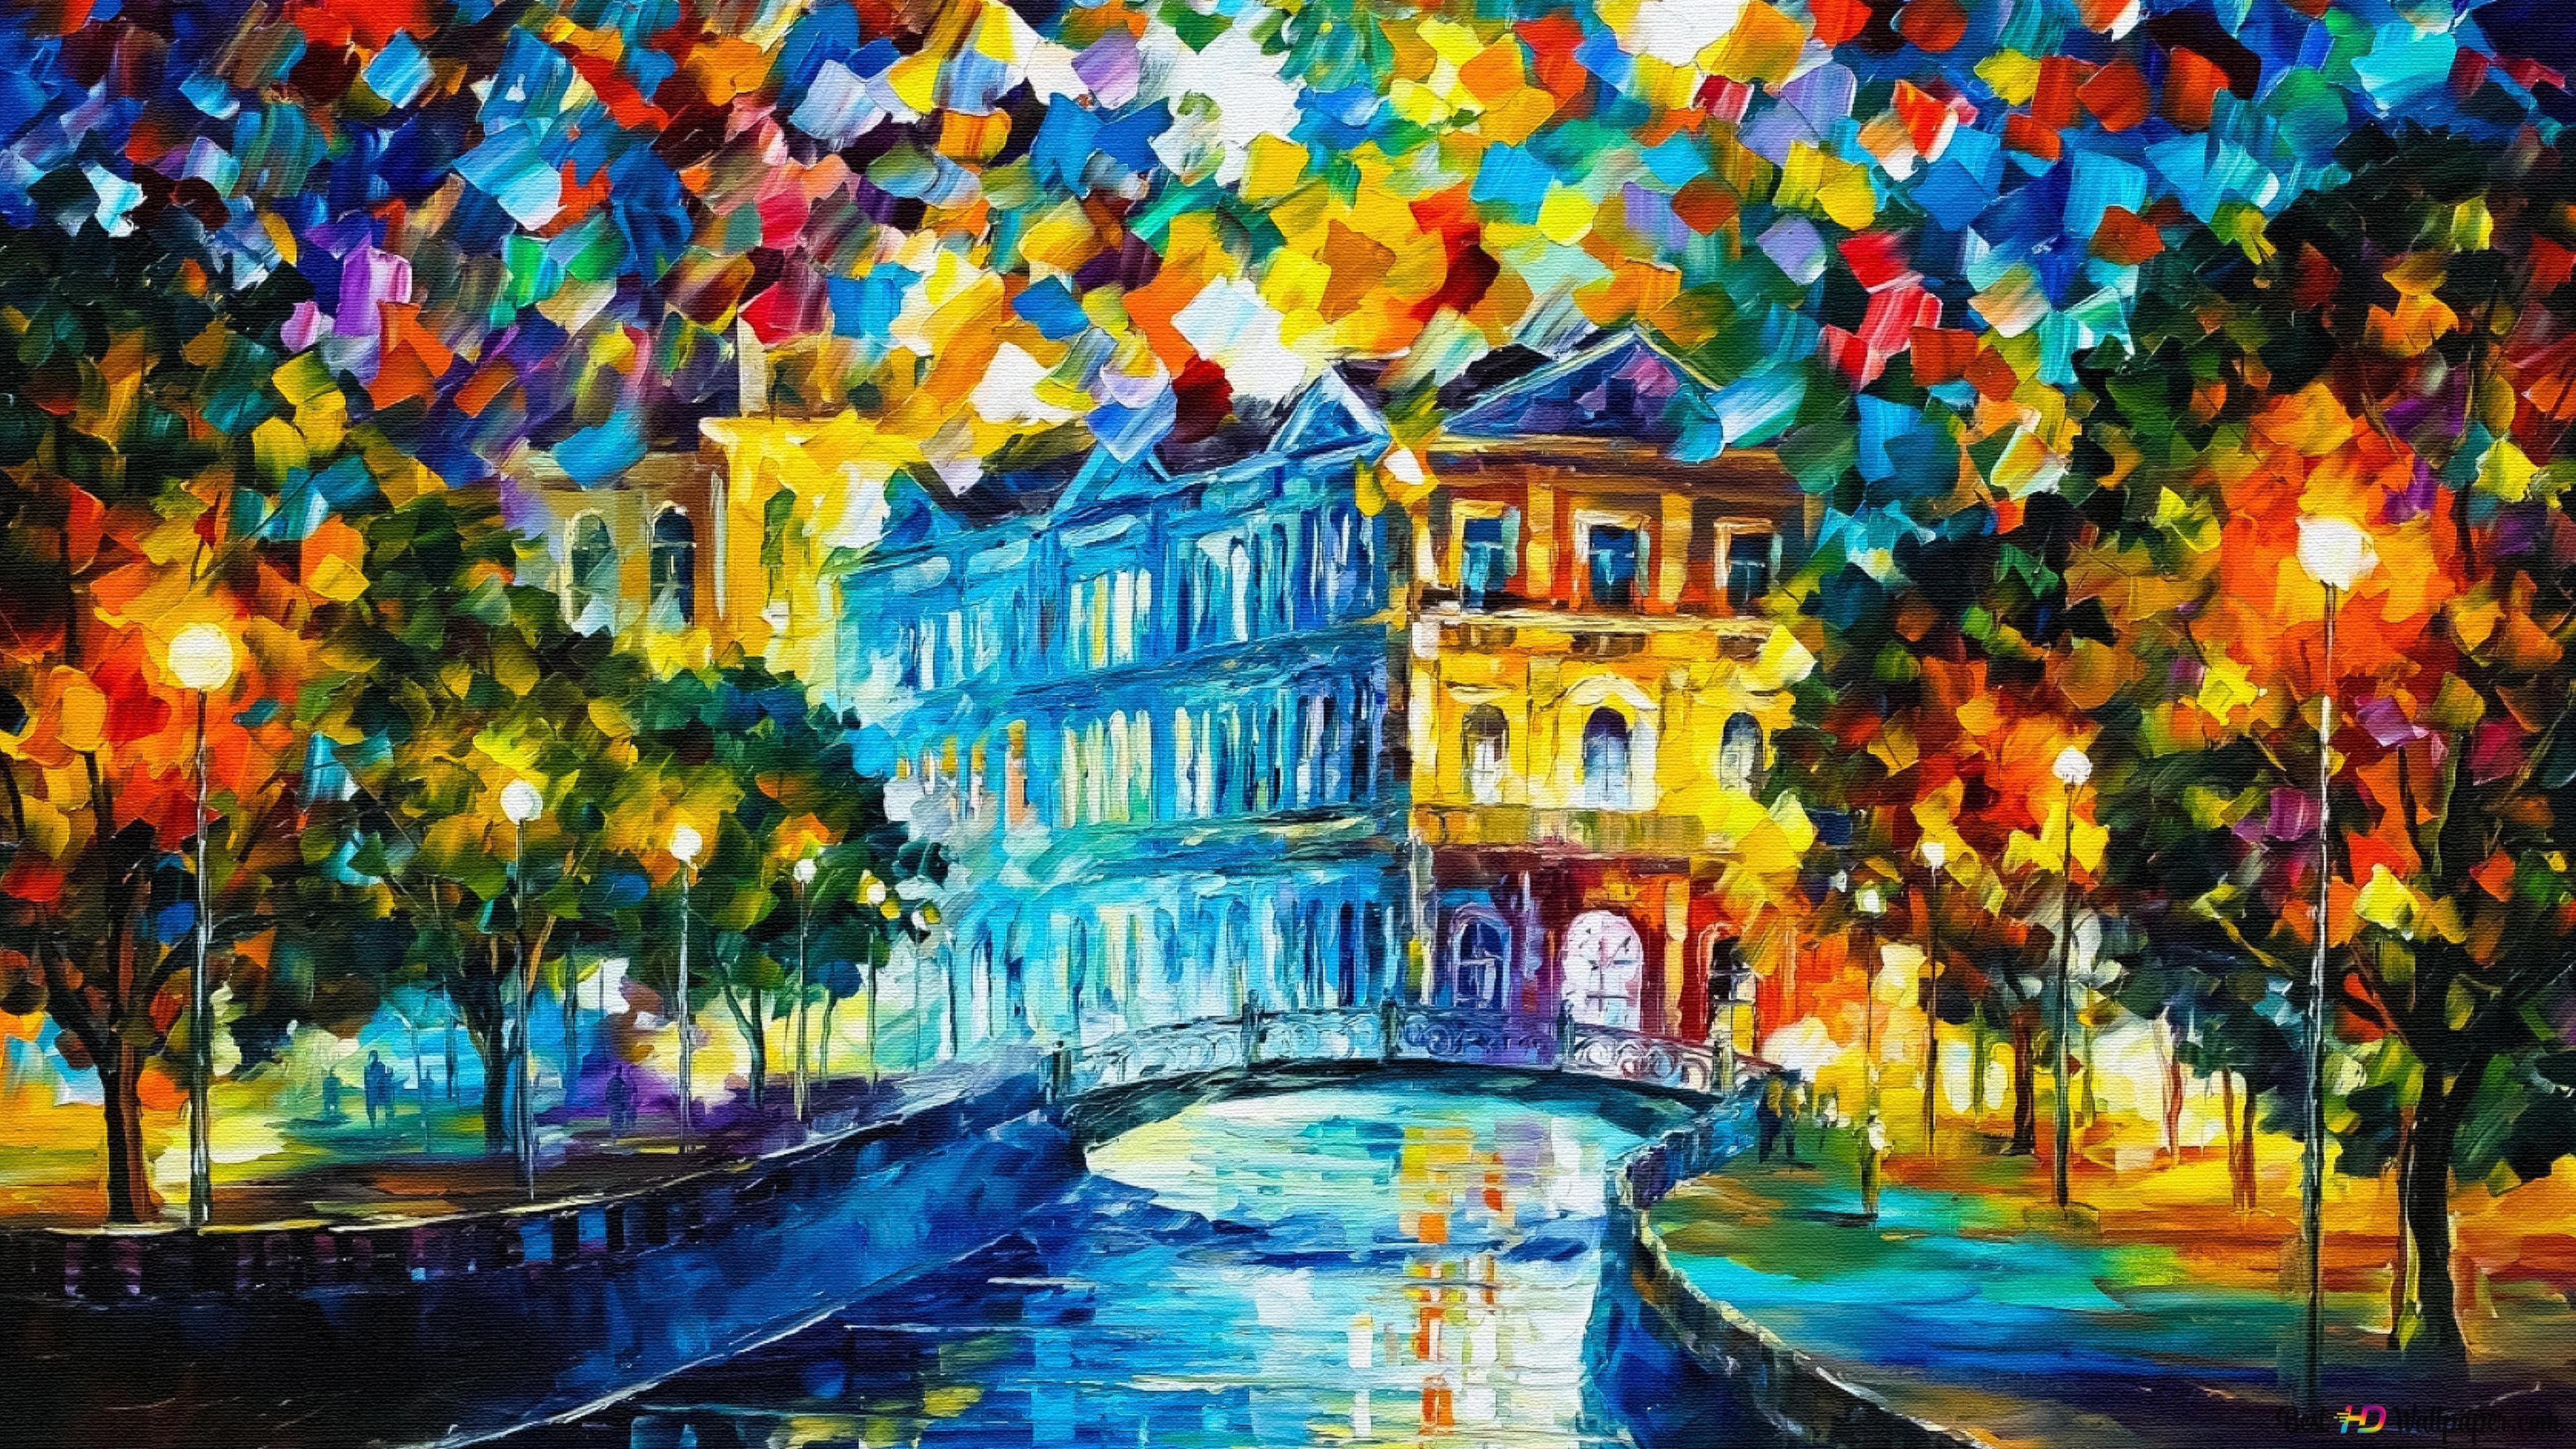 Pittura Artistica E Colorata Download Di Sfondi Hd